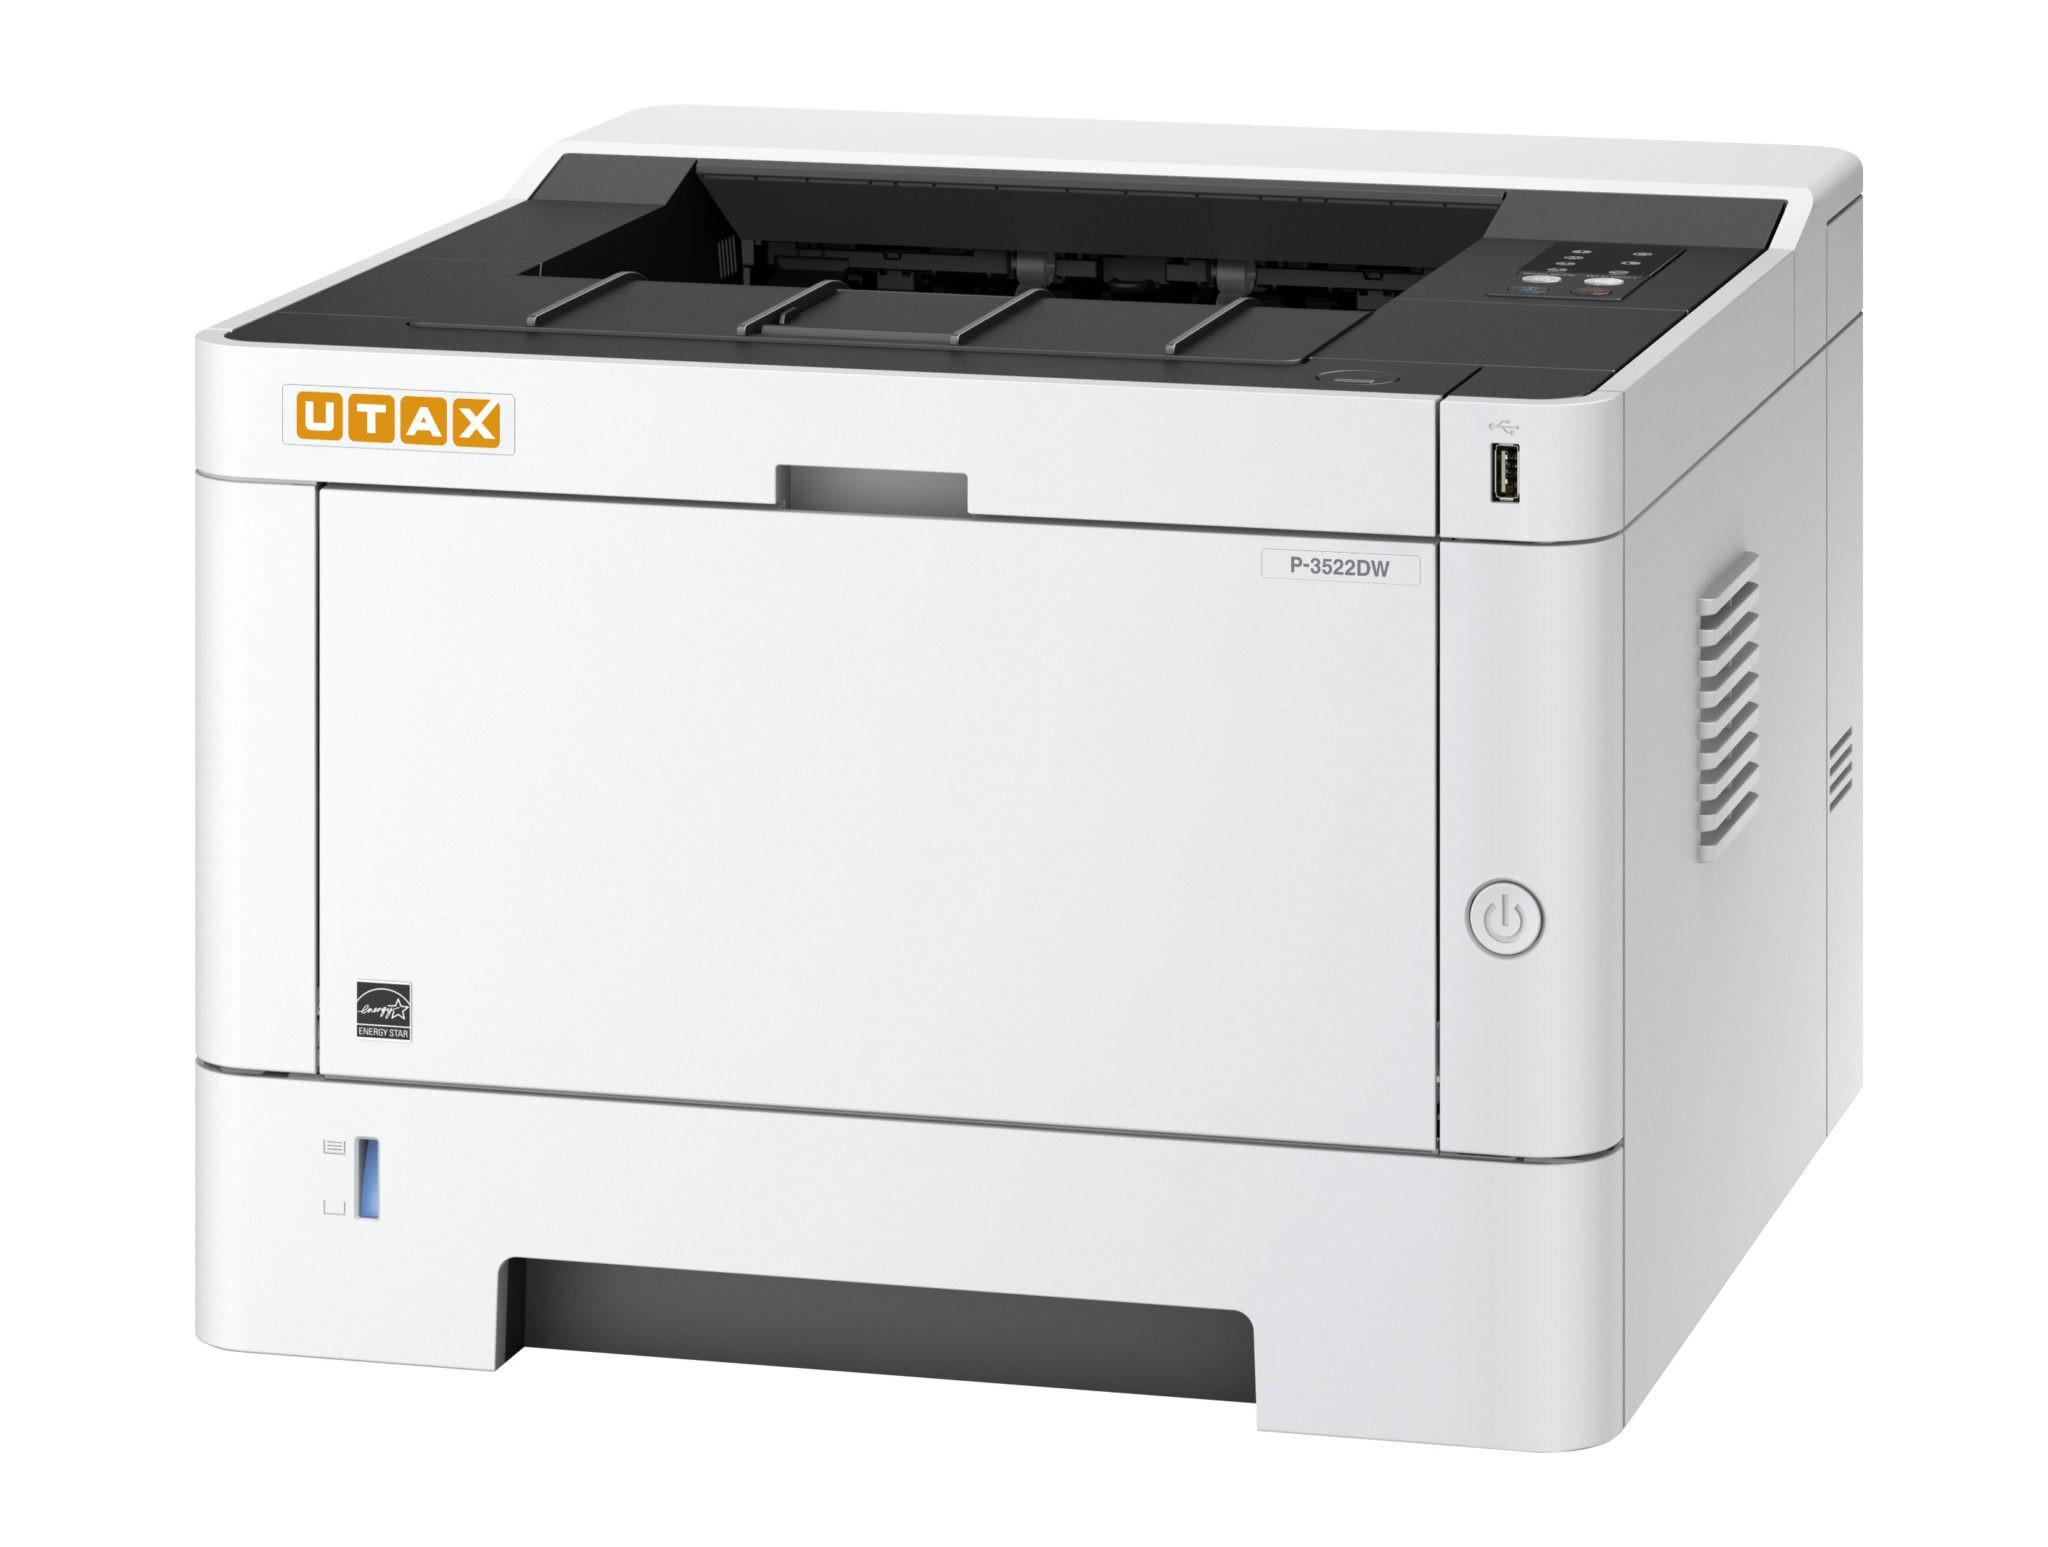 Utax P-3522DW Printer A4